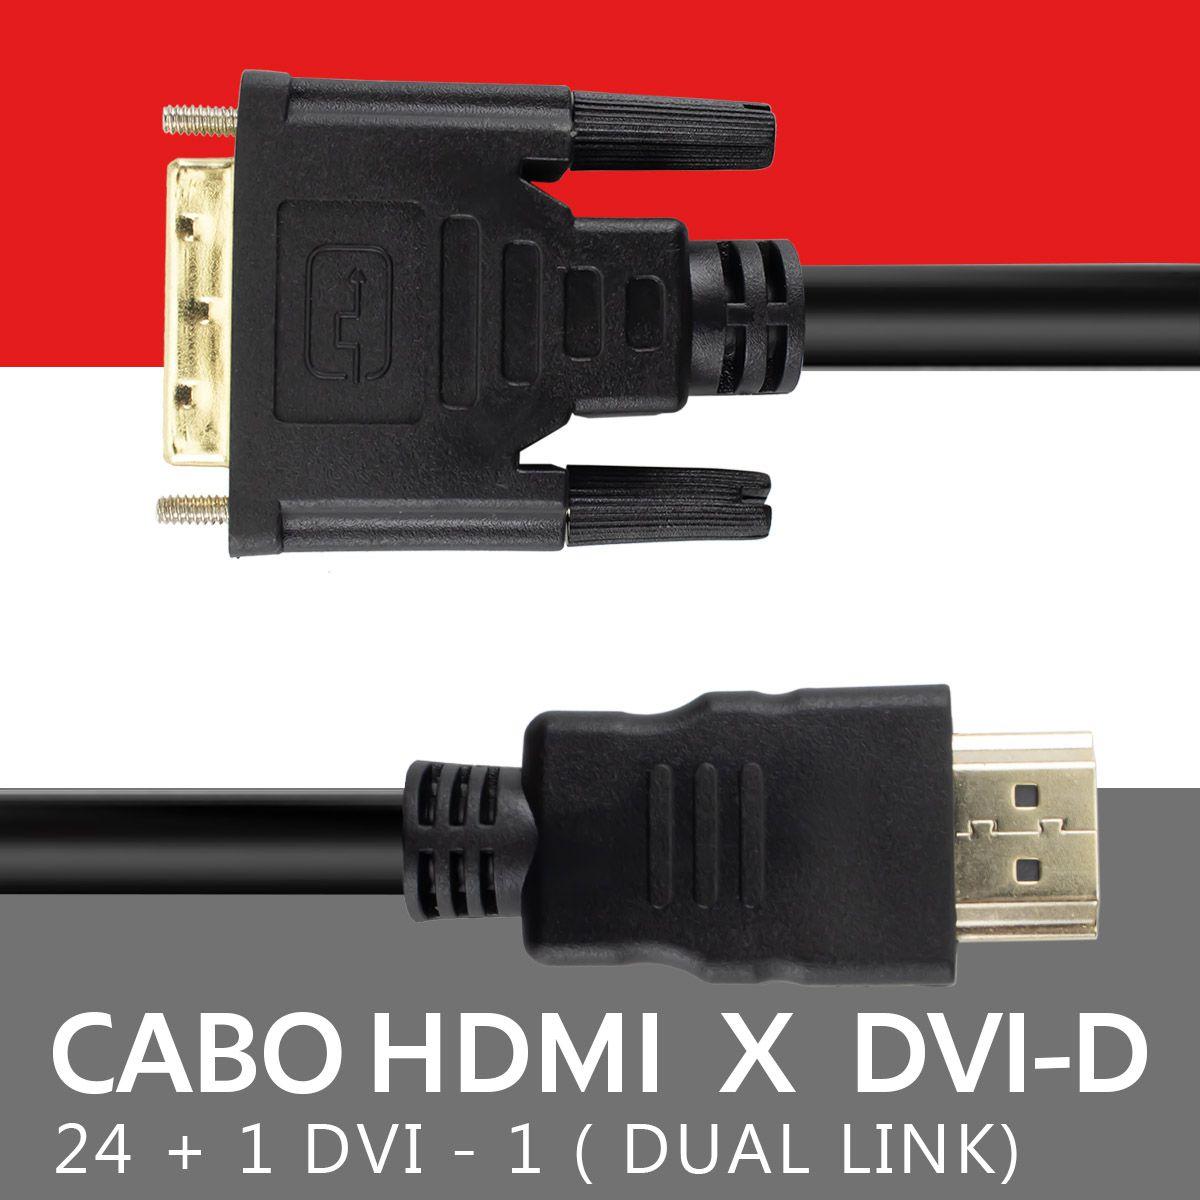 Cabo Dvi x Dvi Dual Link 24+1 de 1,8 metros com Filtro Xtrad XT-2114